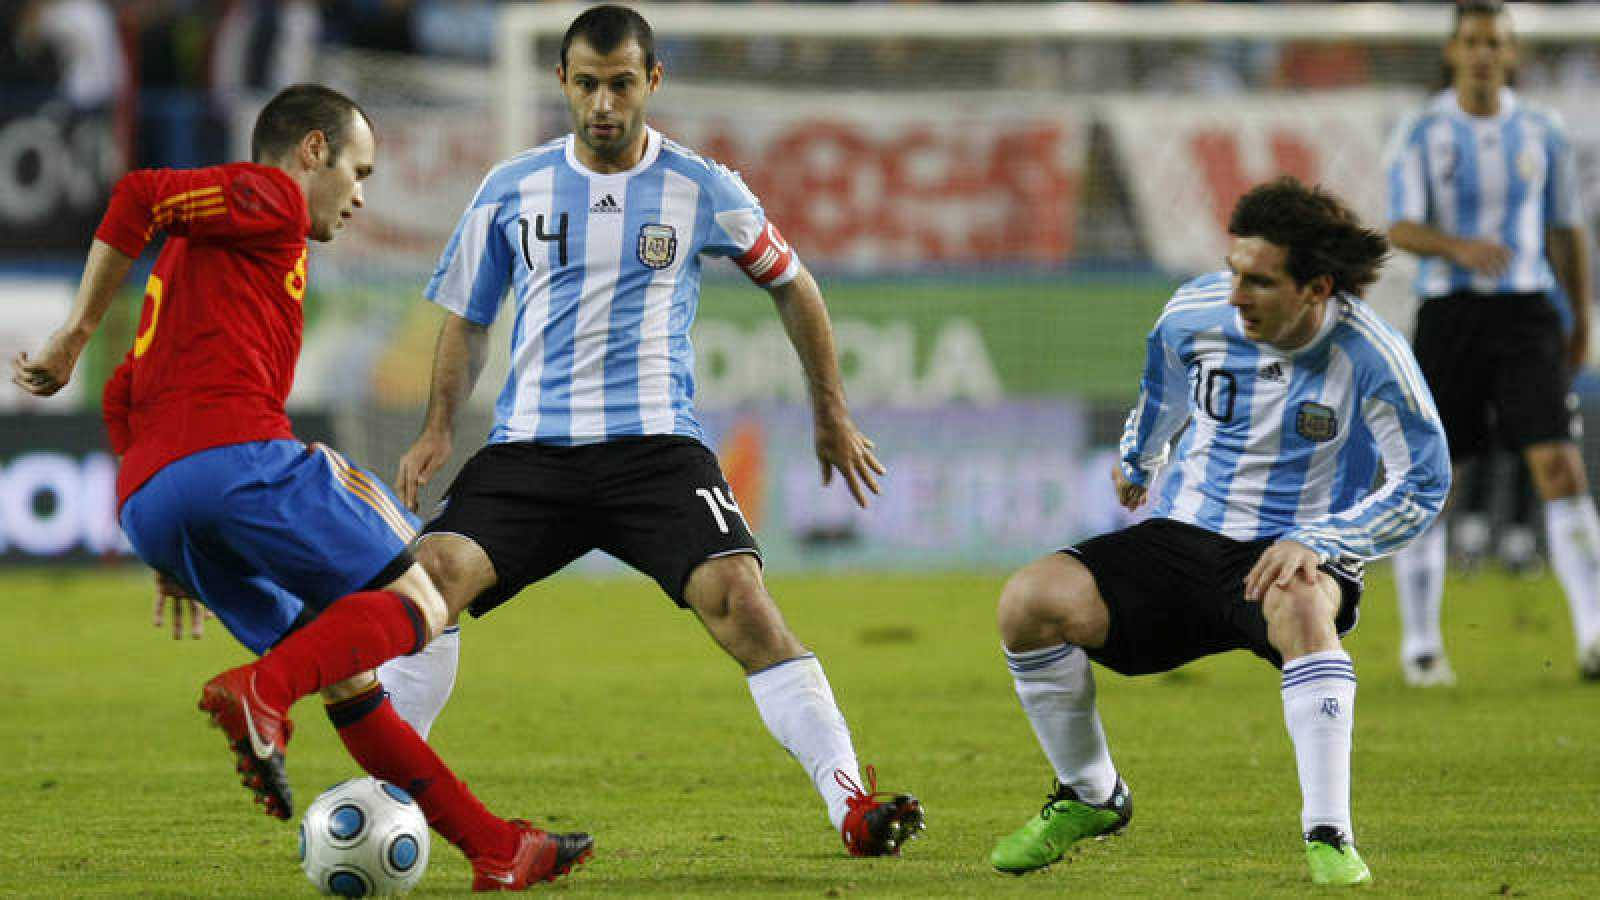 Imagen del último amistoso España - Argentina jugado en Madrid, en noviembre de 2009, con Iniesta, Mascherano y Messi.